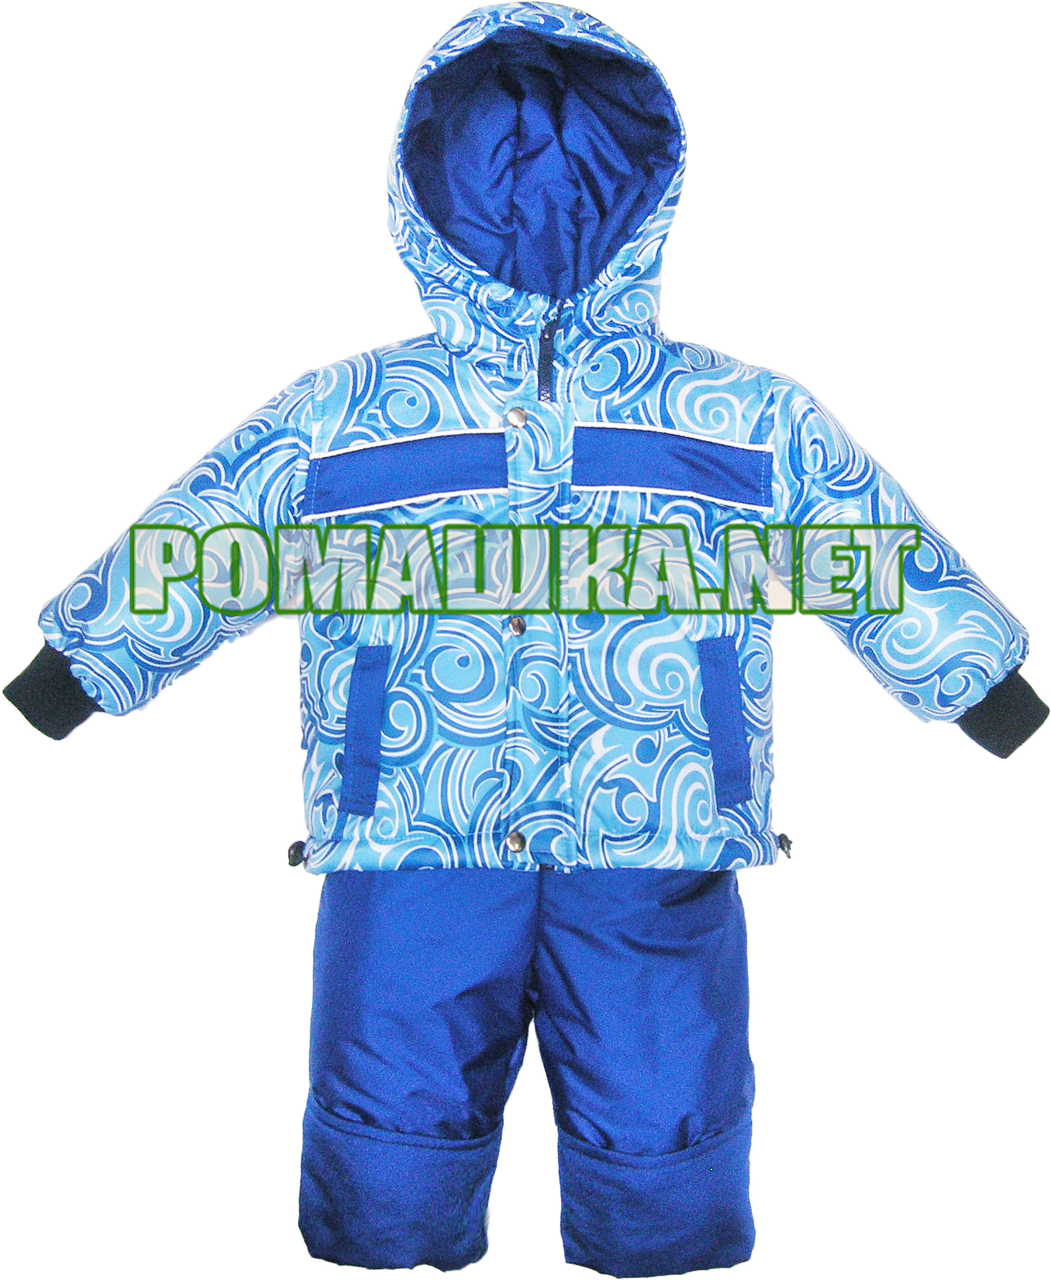 Детский весенний осенний комбинезон р. 86 для мальчика куртка и полукомбинезон на флисе 3010 Голубой - Детский интернет-магазин «Ромашка» в Киеве